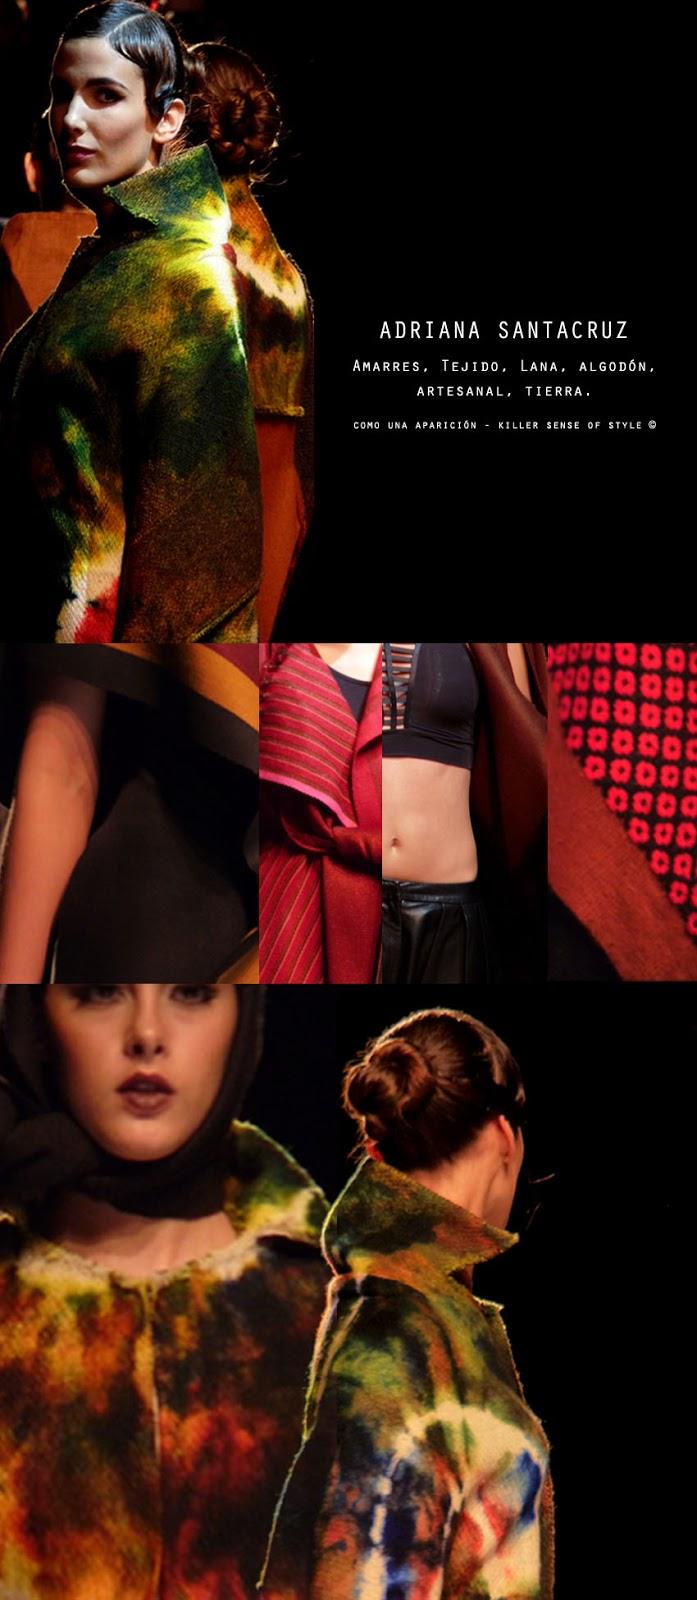 adriana-santacruz-desfile-colombiamoda-artesanal-moda-colombia-diseñadores-fashion-designers-como-una-aparición-killer-sense-of-style